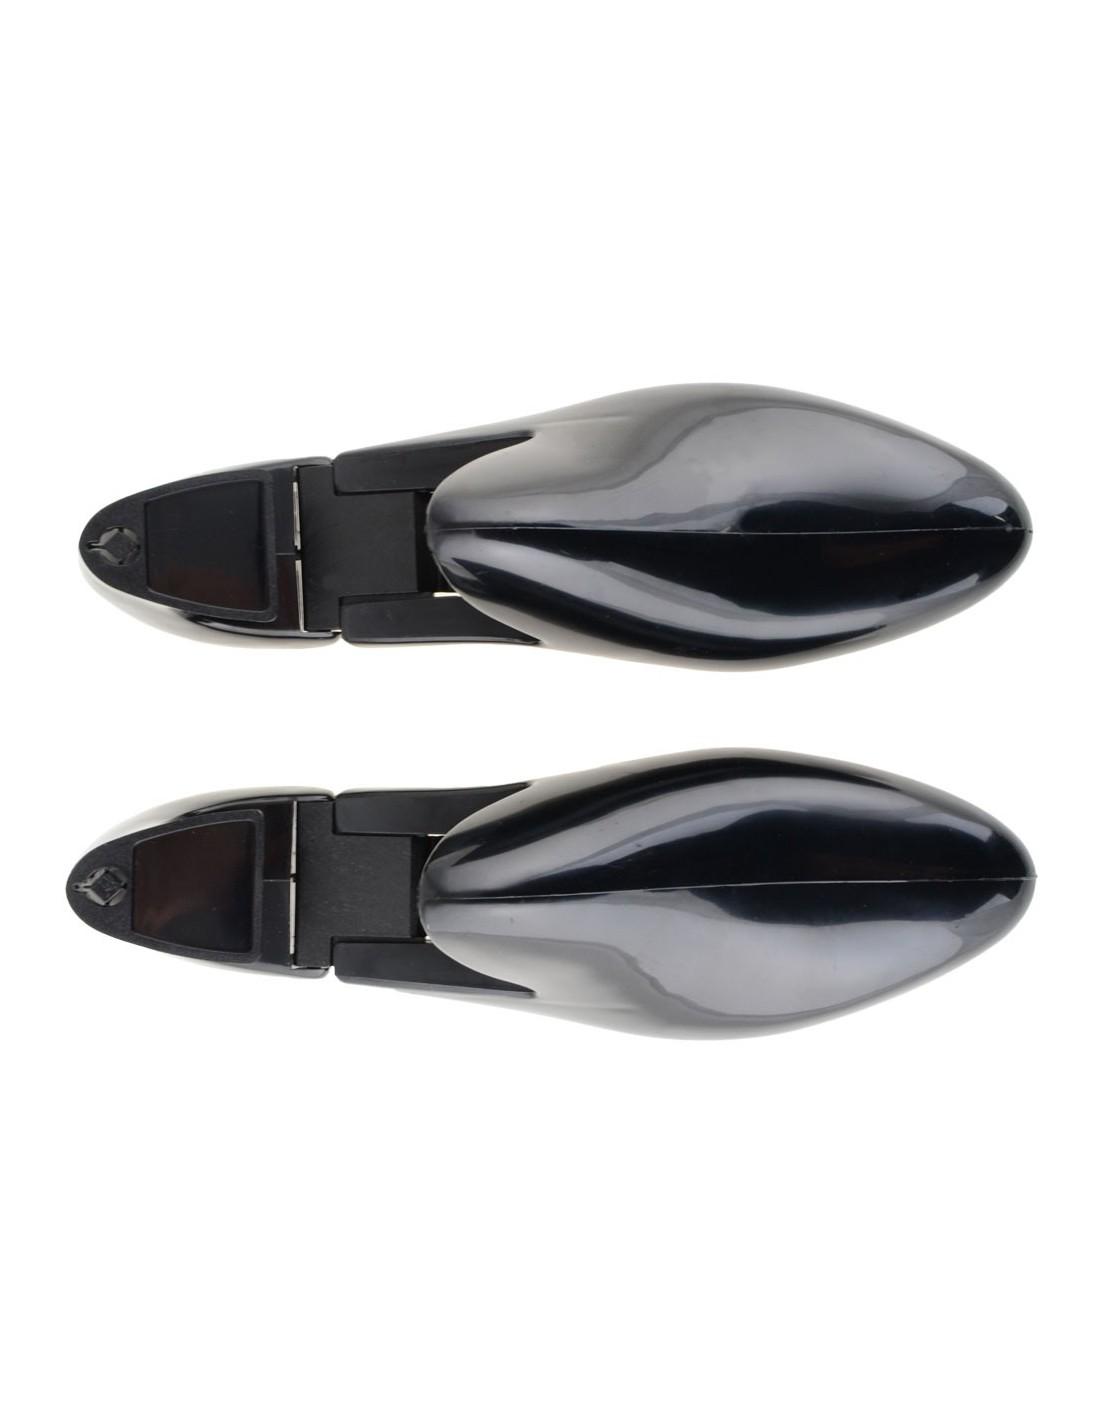 Cosmetic Leather Tendiscarpe in plastica a molla per mantenere la forma delle scarpe kABatWc